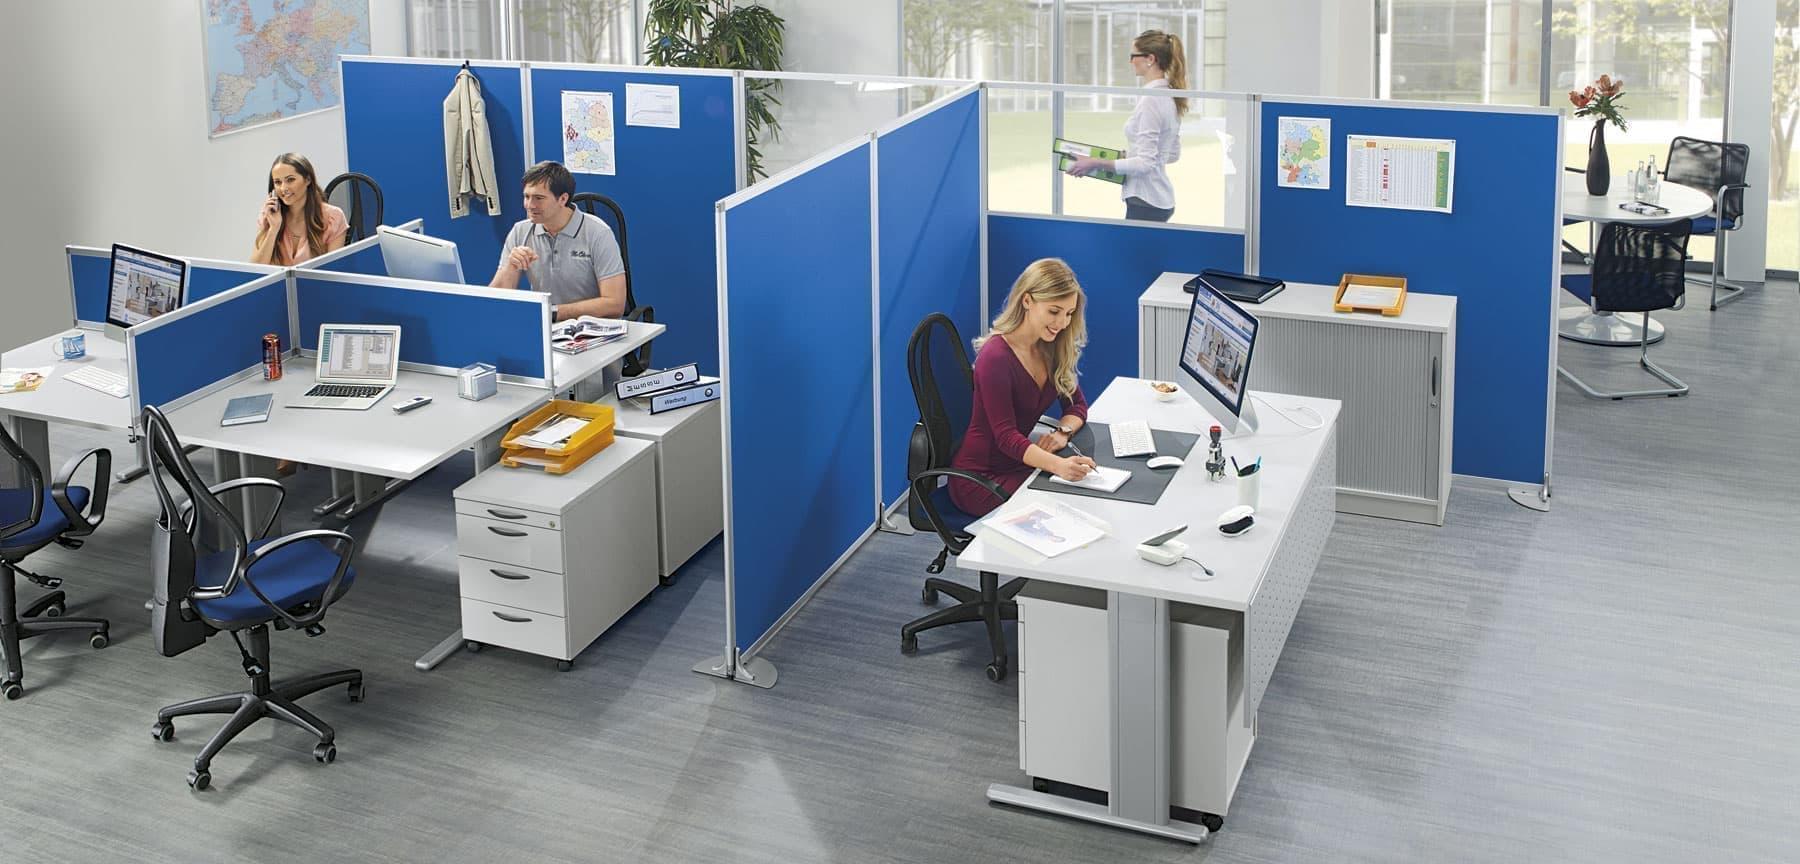 Ratgeber Schreibtische Richtig Positionieren Bequem Online